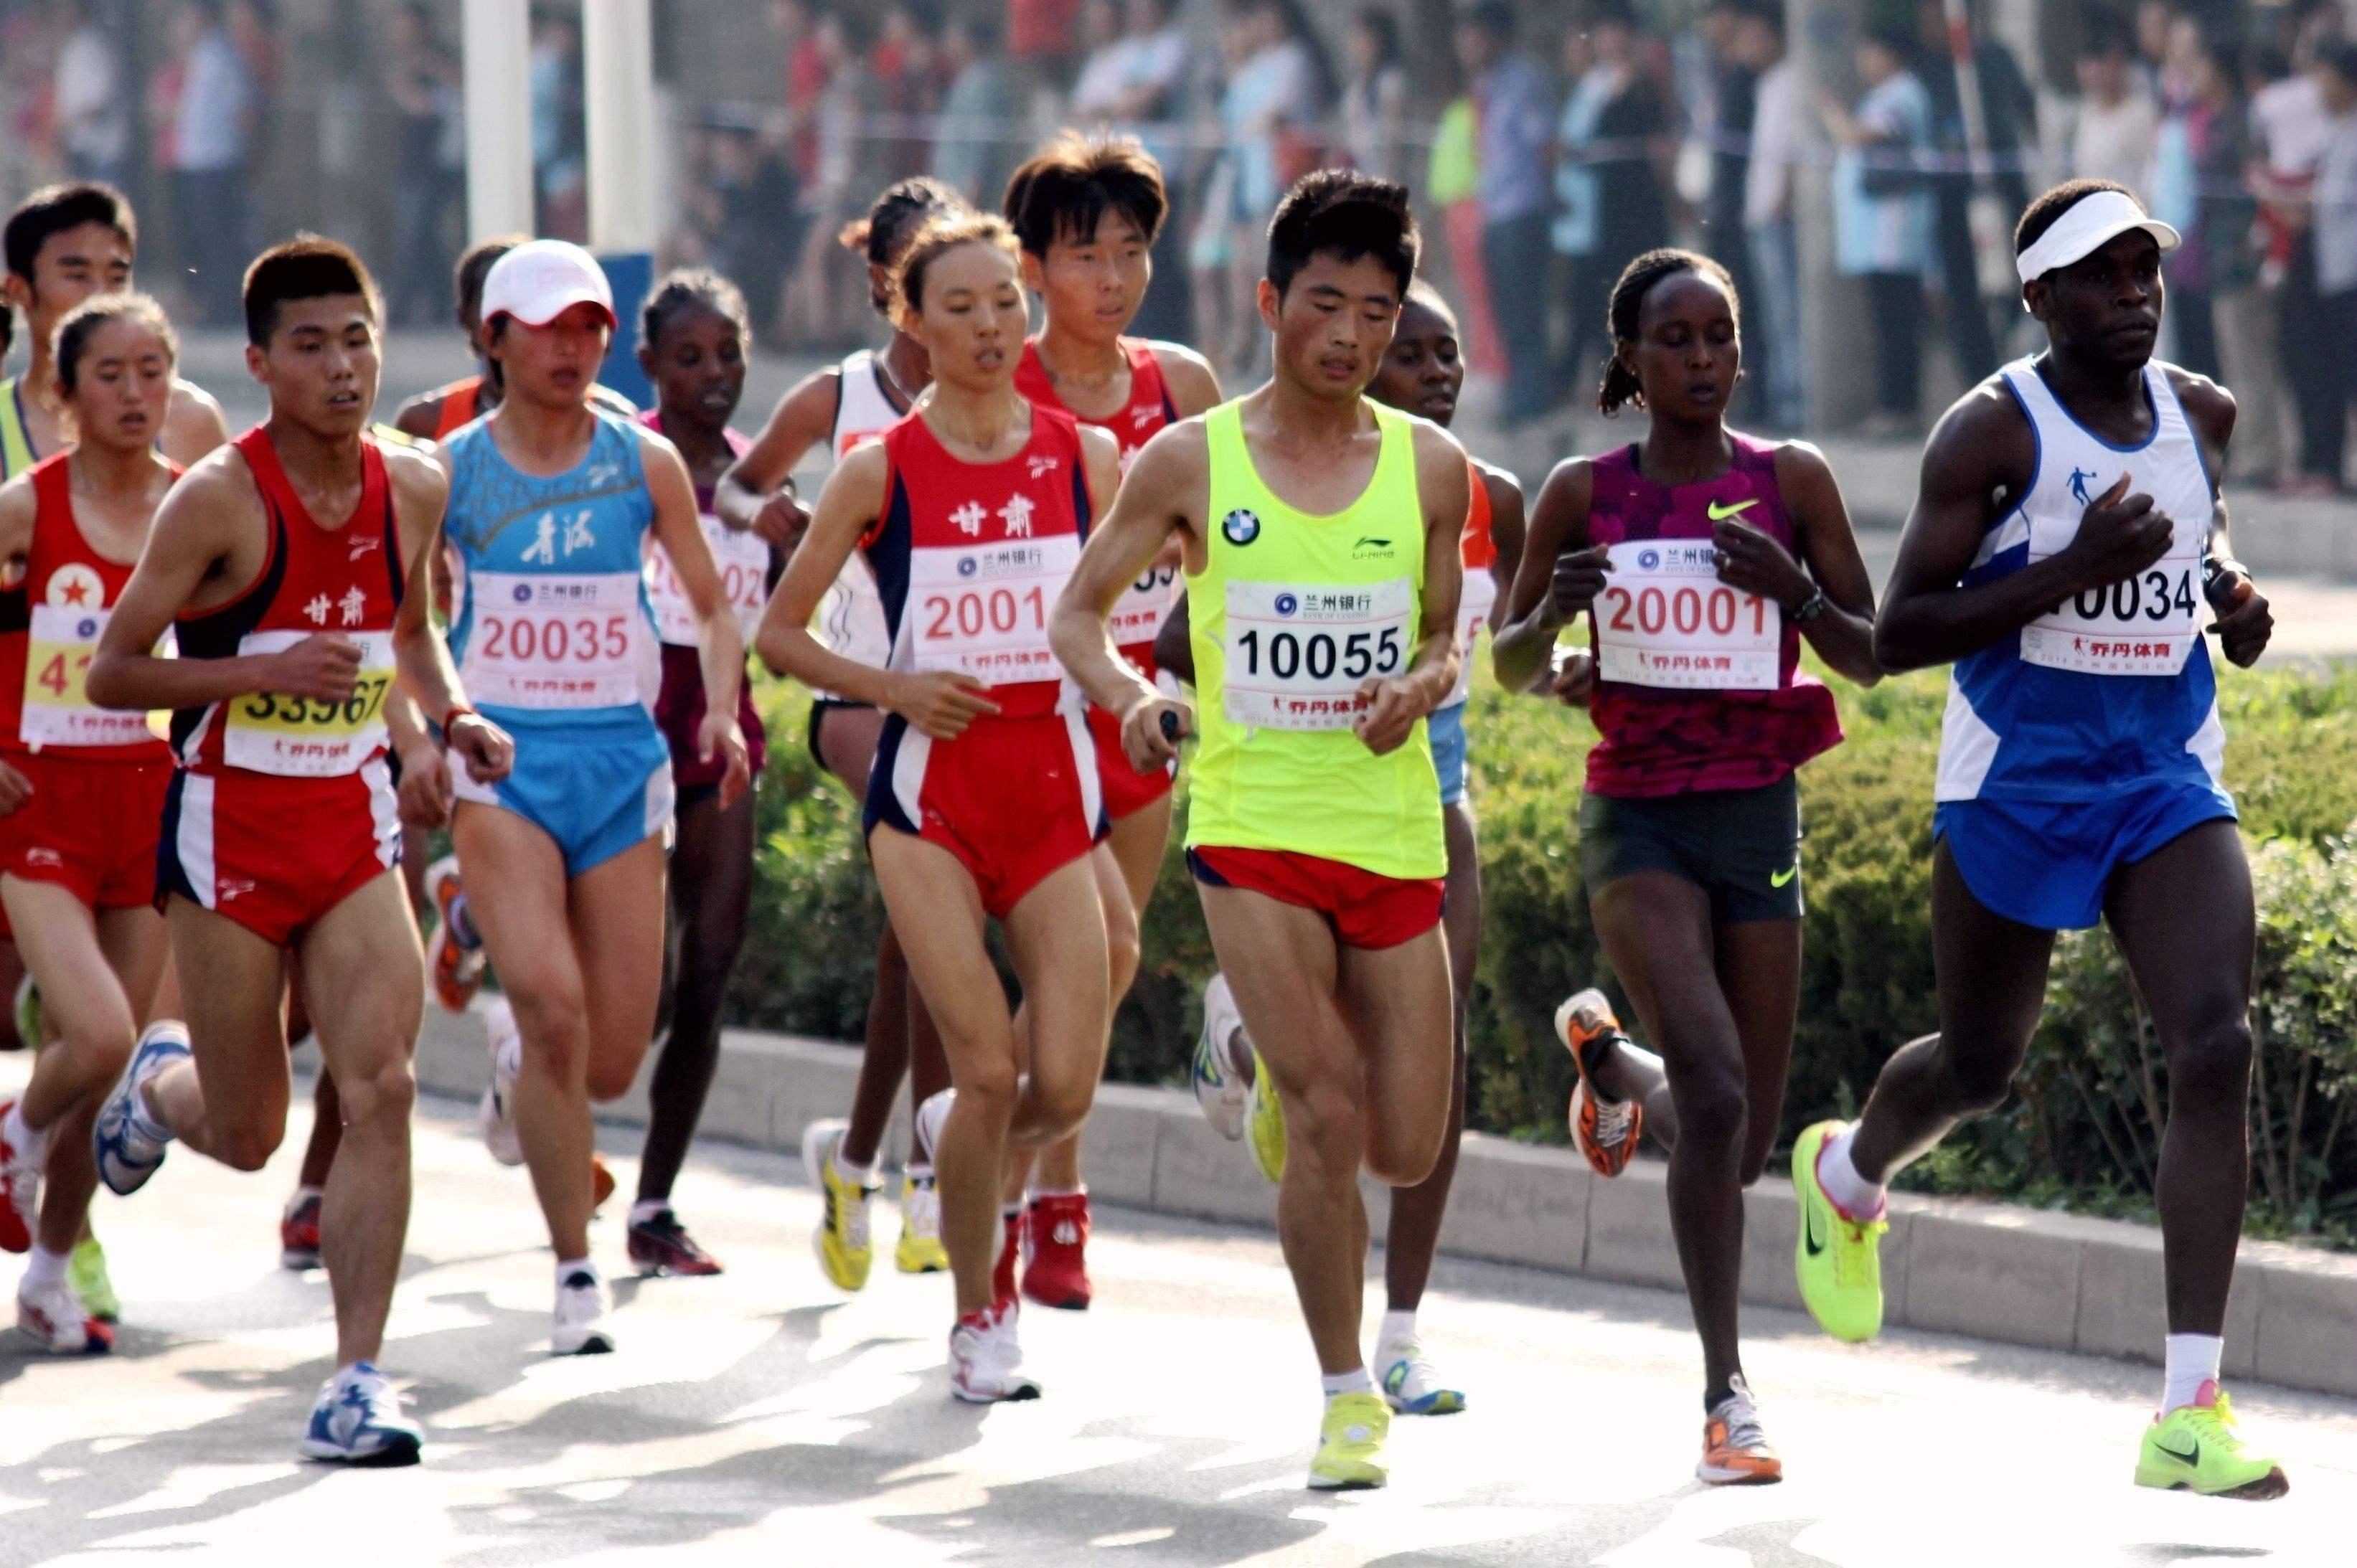 2018兰州国际马拉松赛6月10日开跑